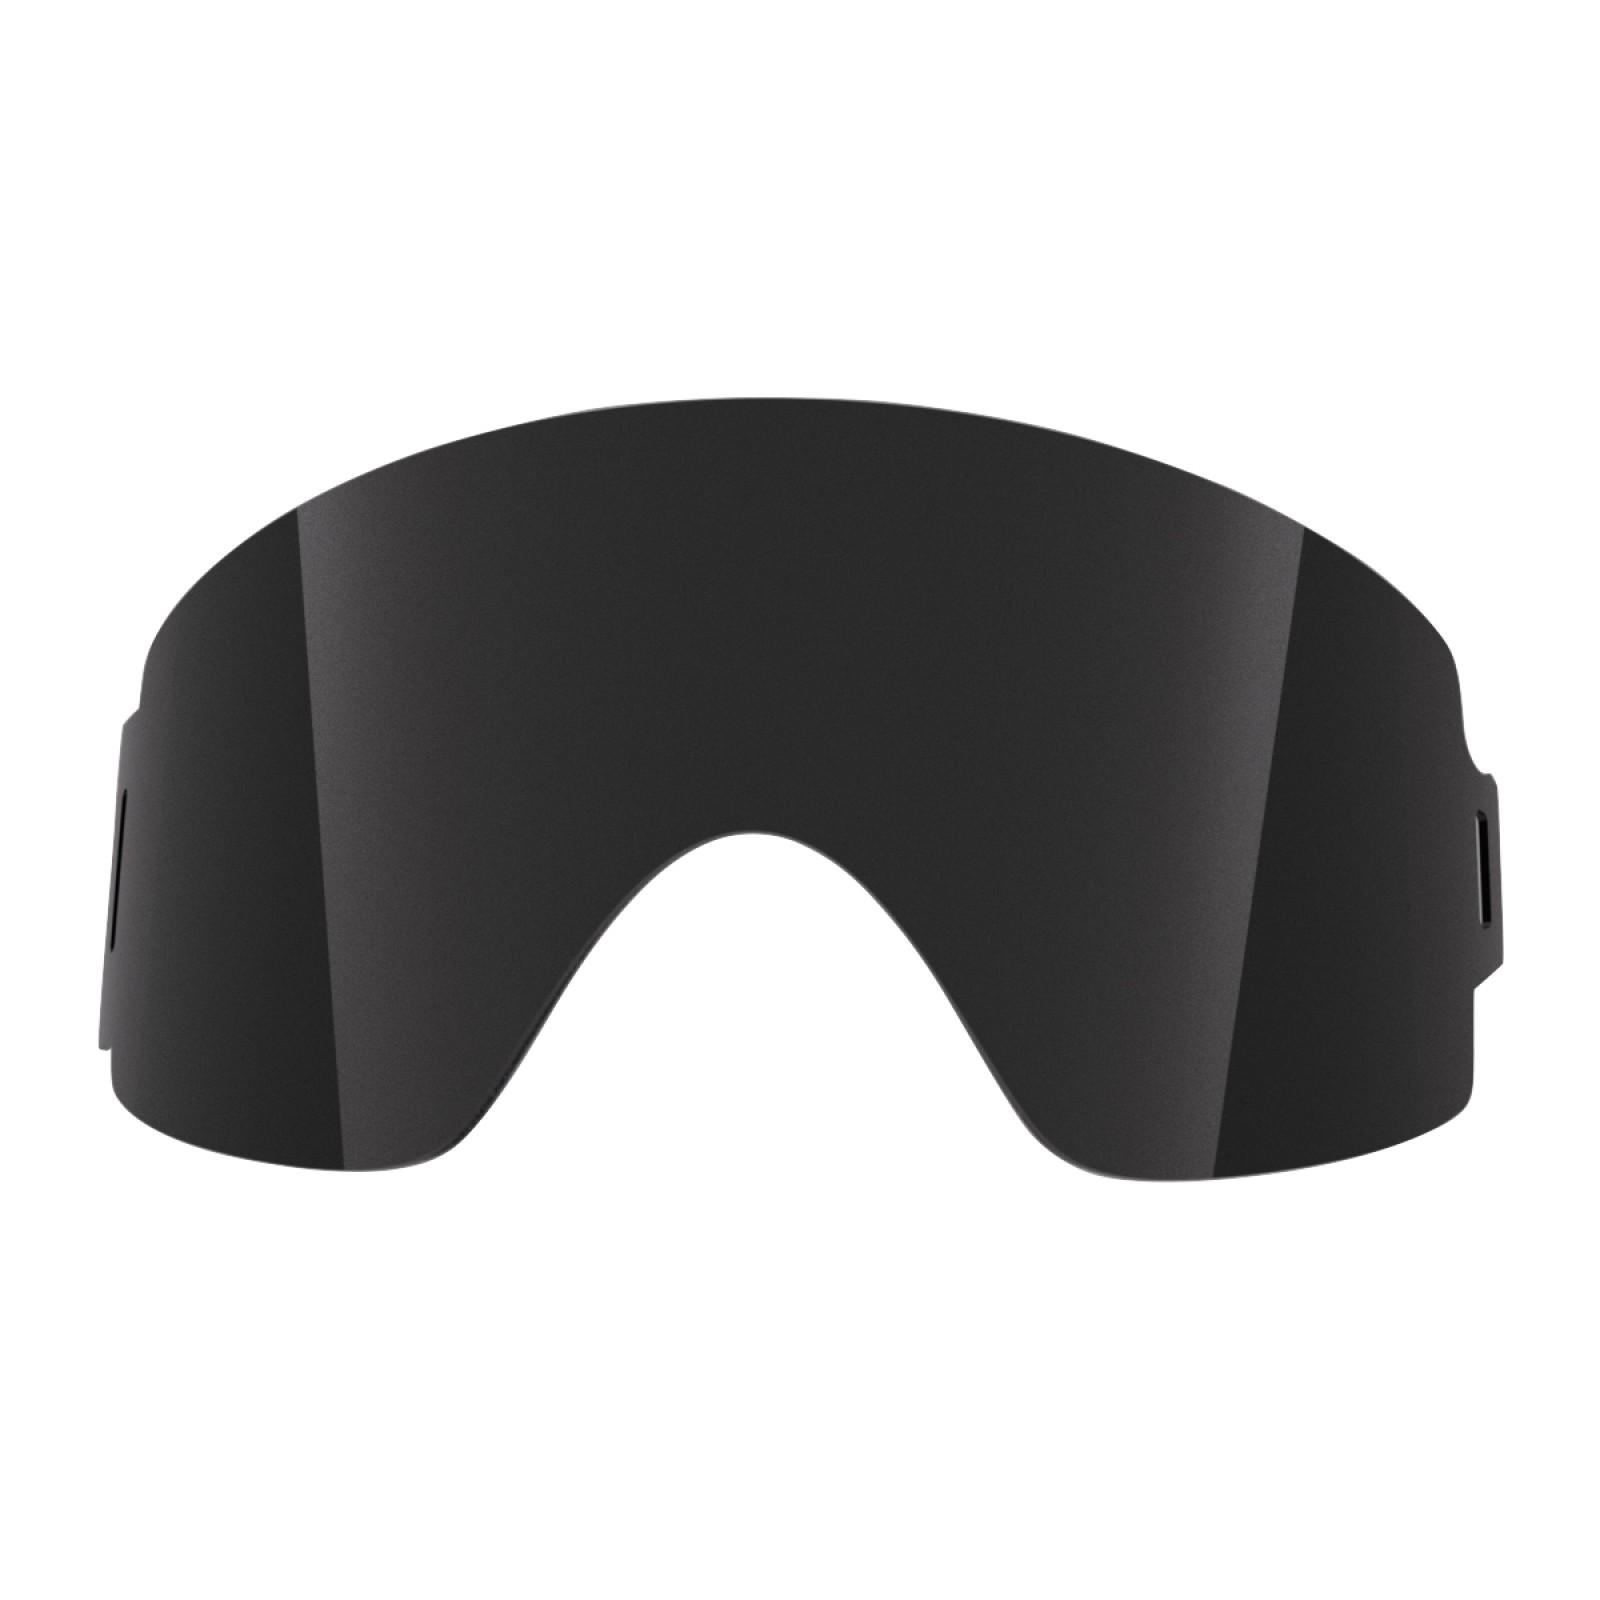 SMOKE lens for  Shift goggle